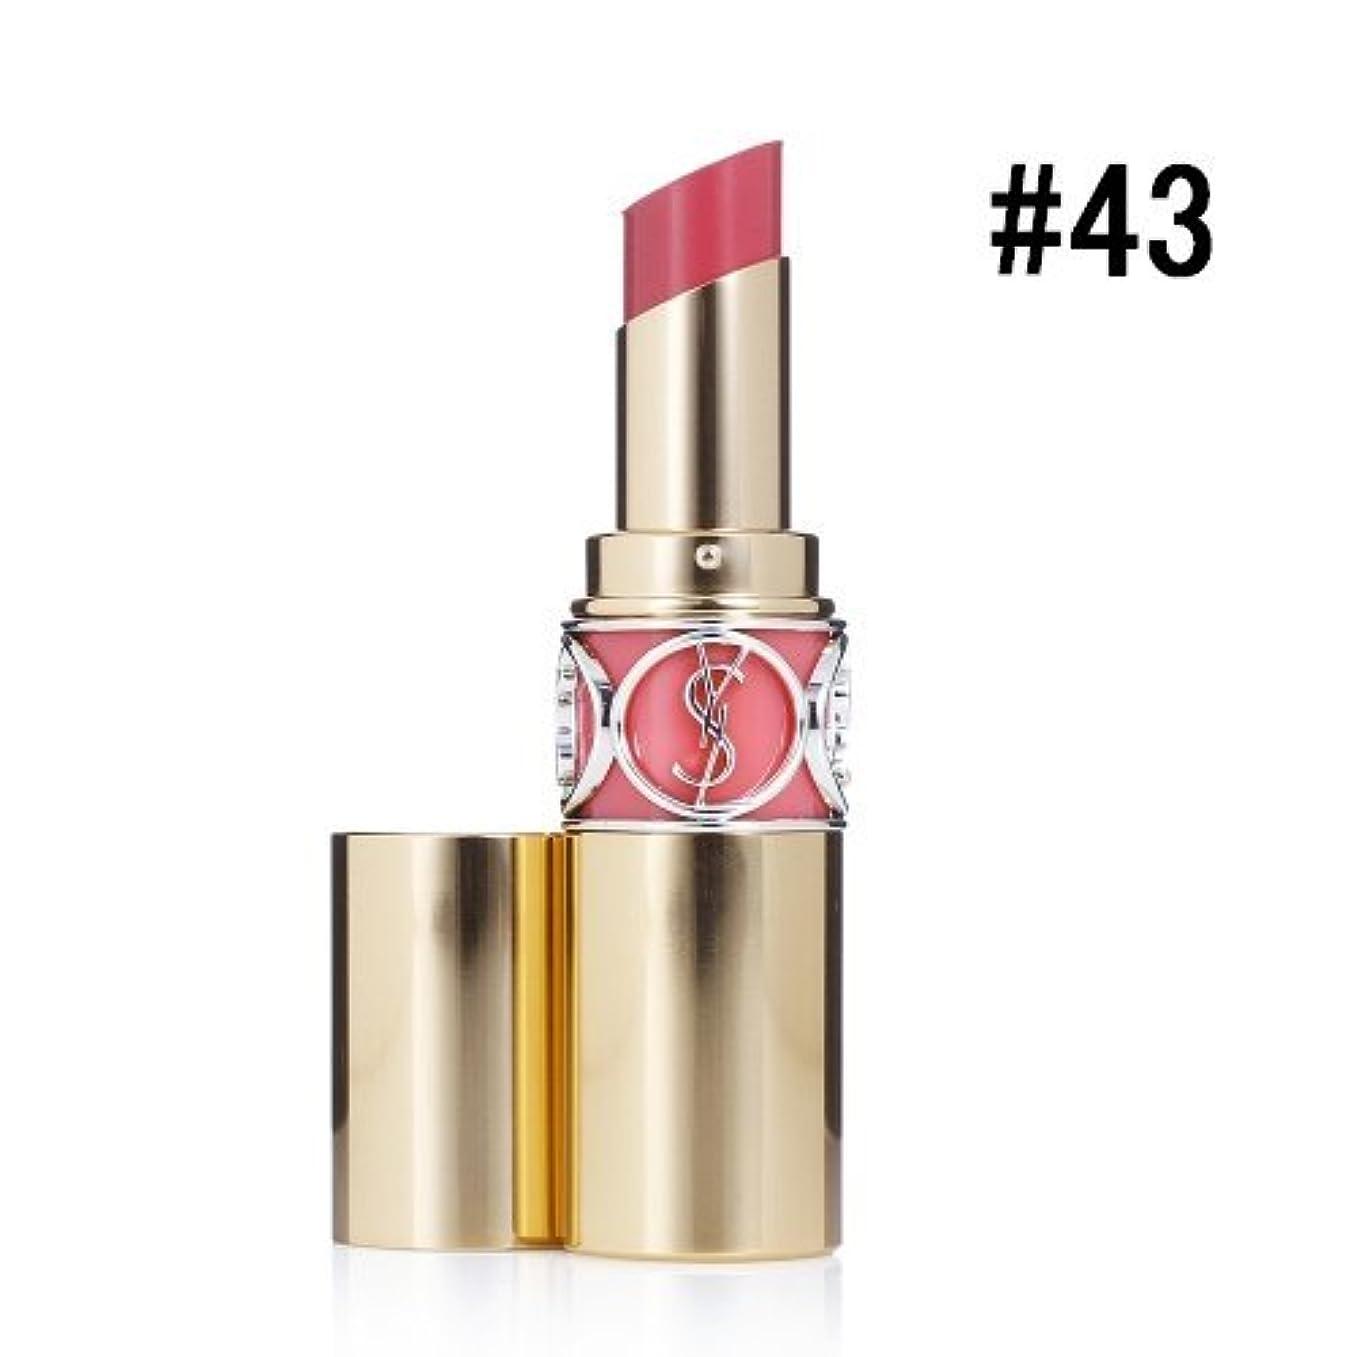 孤独株式会社保守可能イヴサンローラン(Yves Saint Laurent) ルージュ ヴォリュプテ シャイン #43 ROSE RIVE GAUCHE 4.5g [並行輸入品]